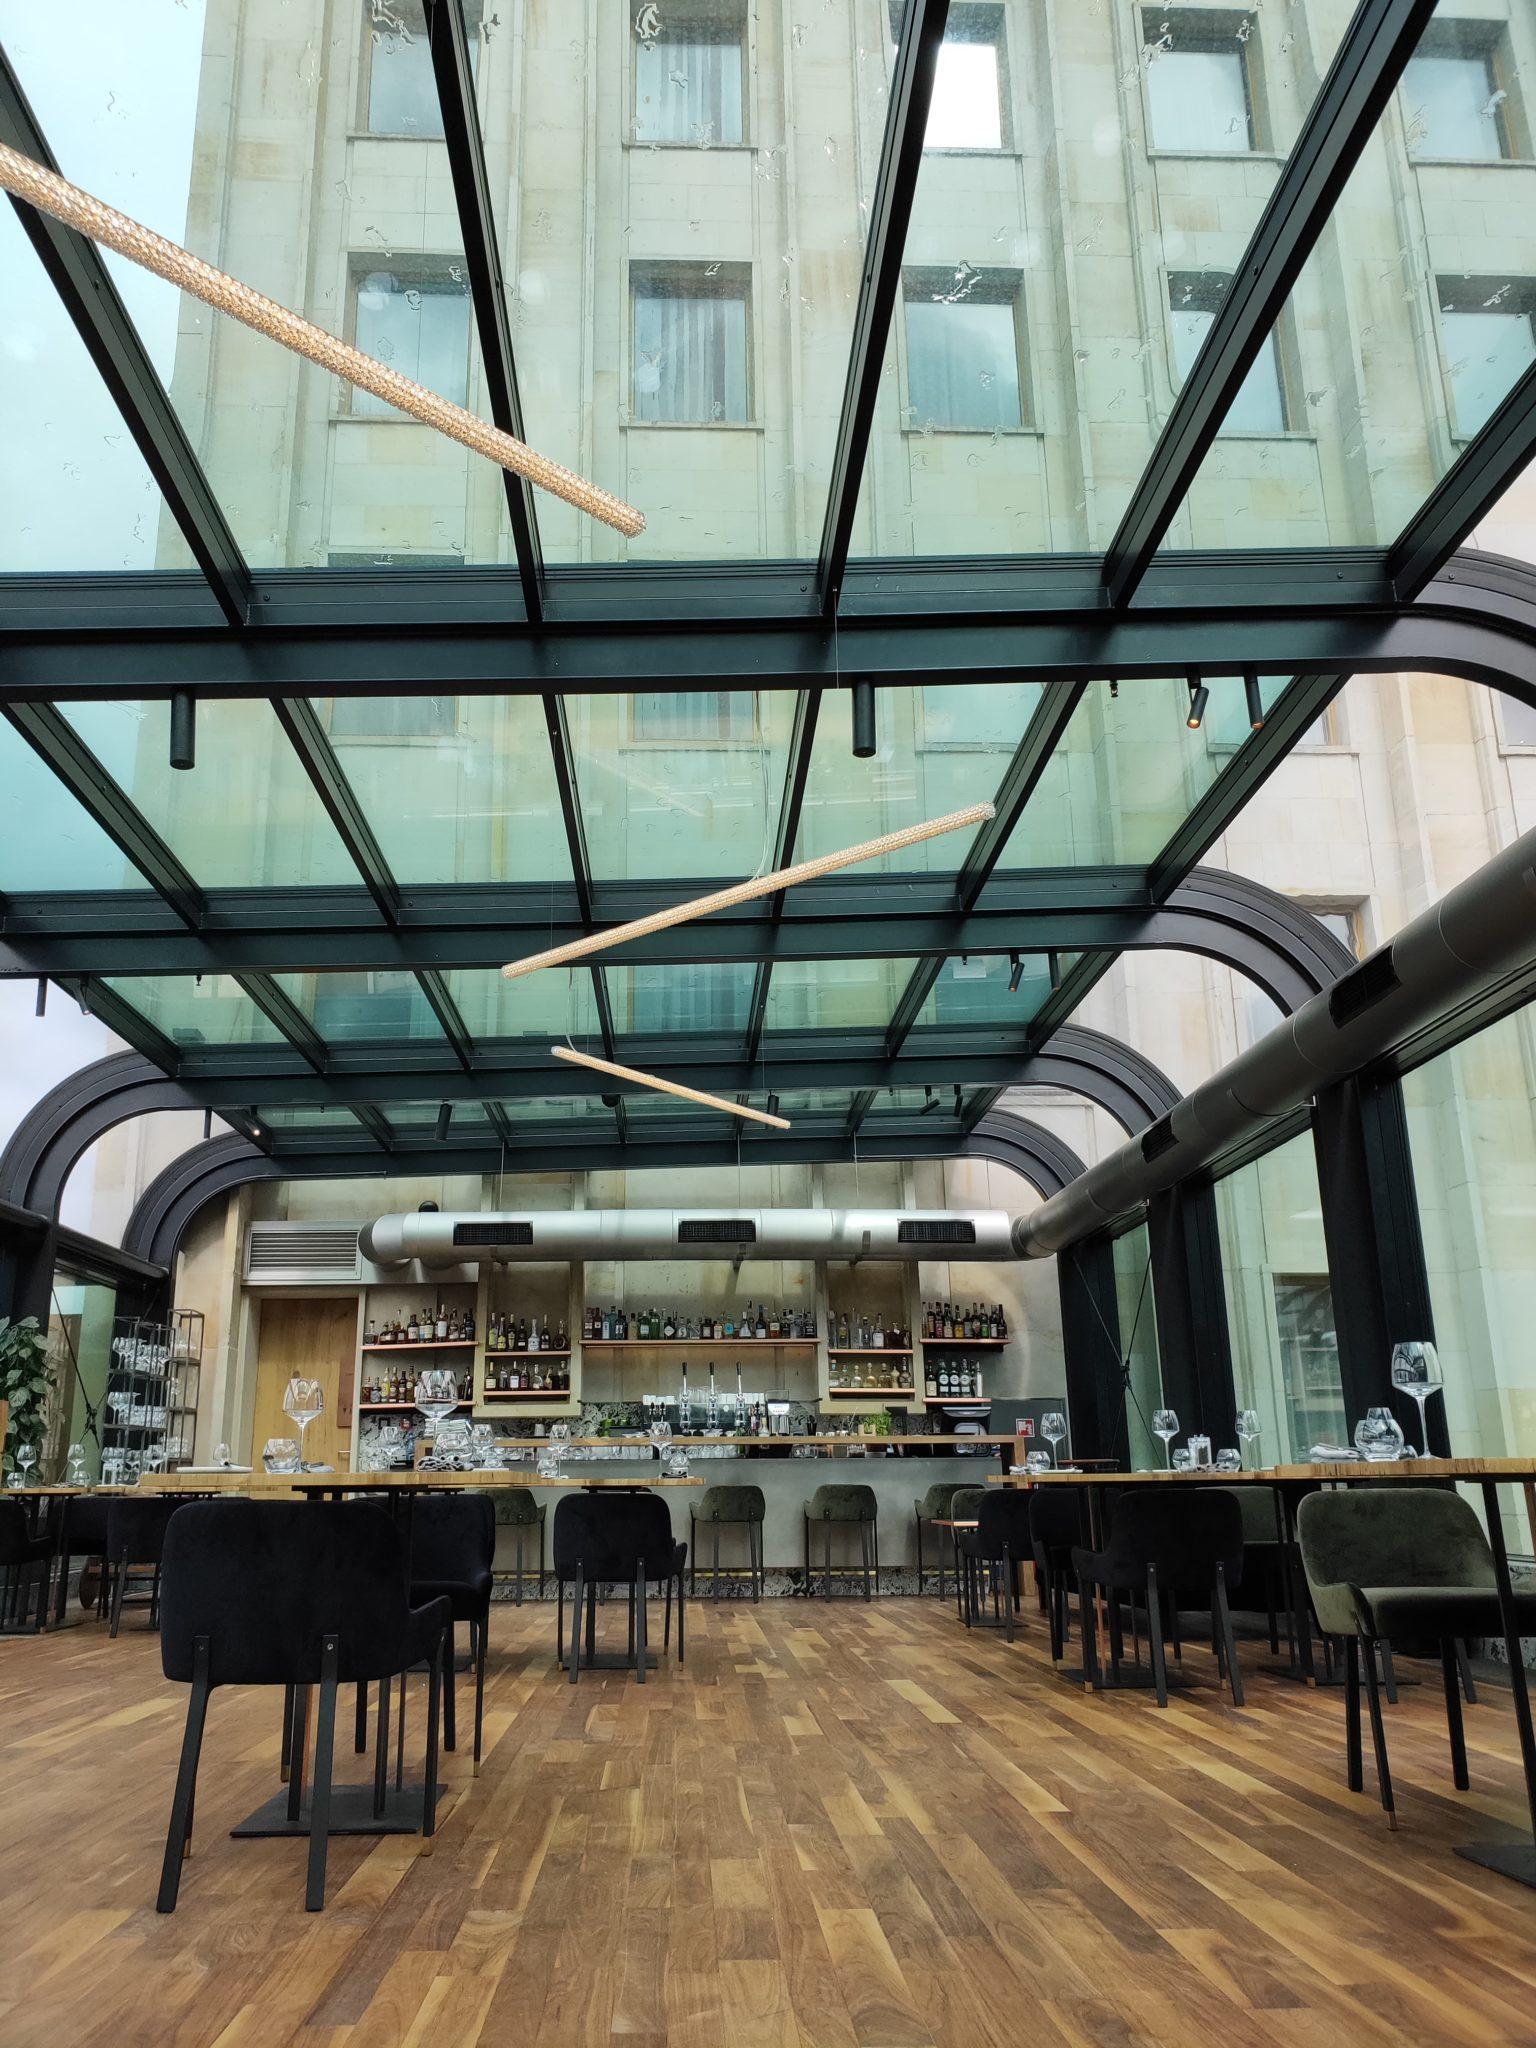 Wnętrze restauracji z przeszklonym dachem